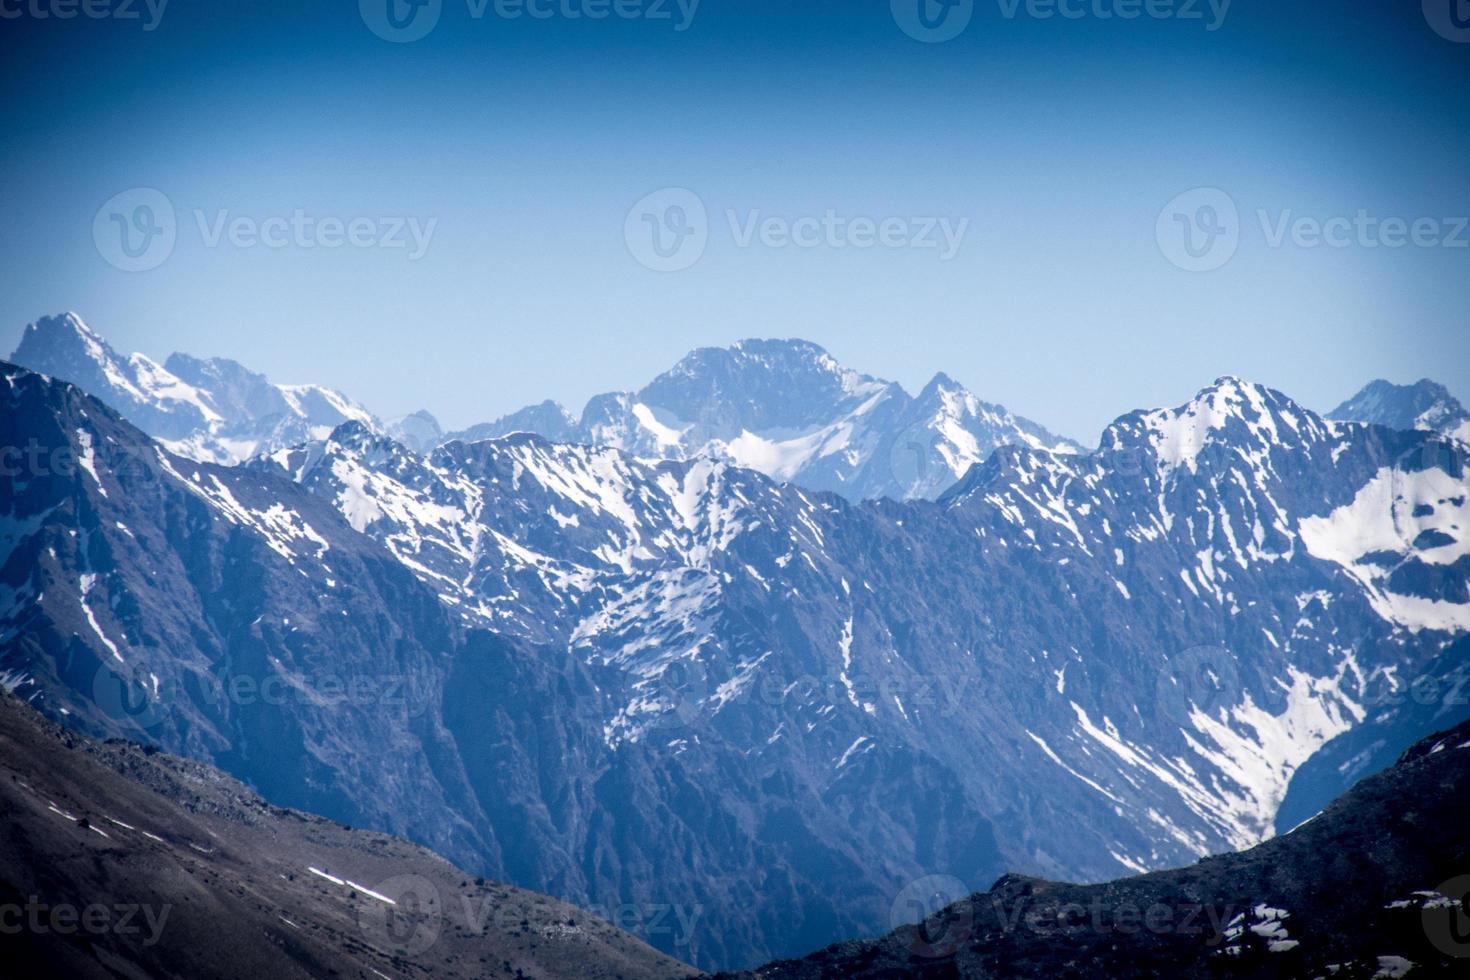 vue sur la montagne dans les alpes photo